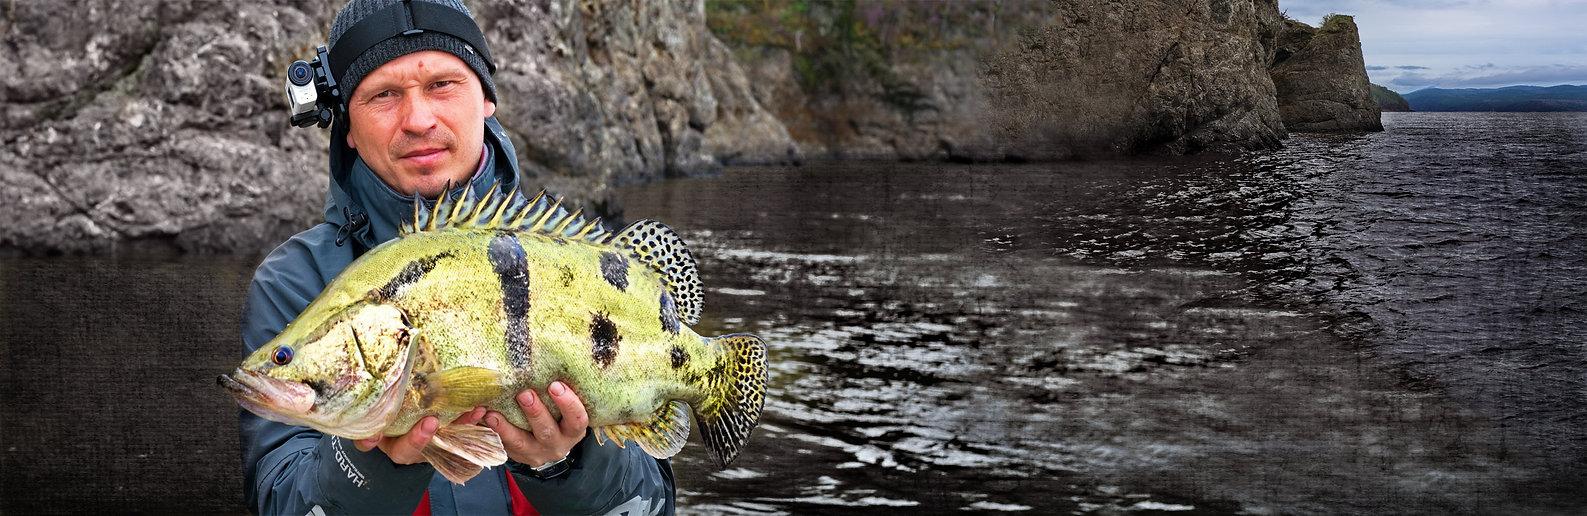 рыболовный тур.jpg